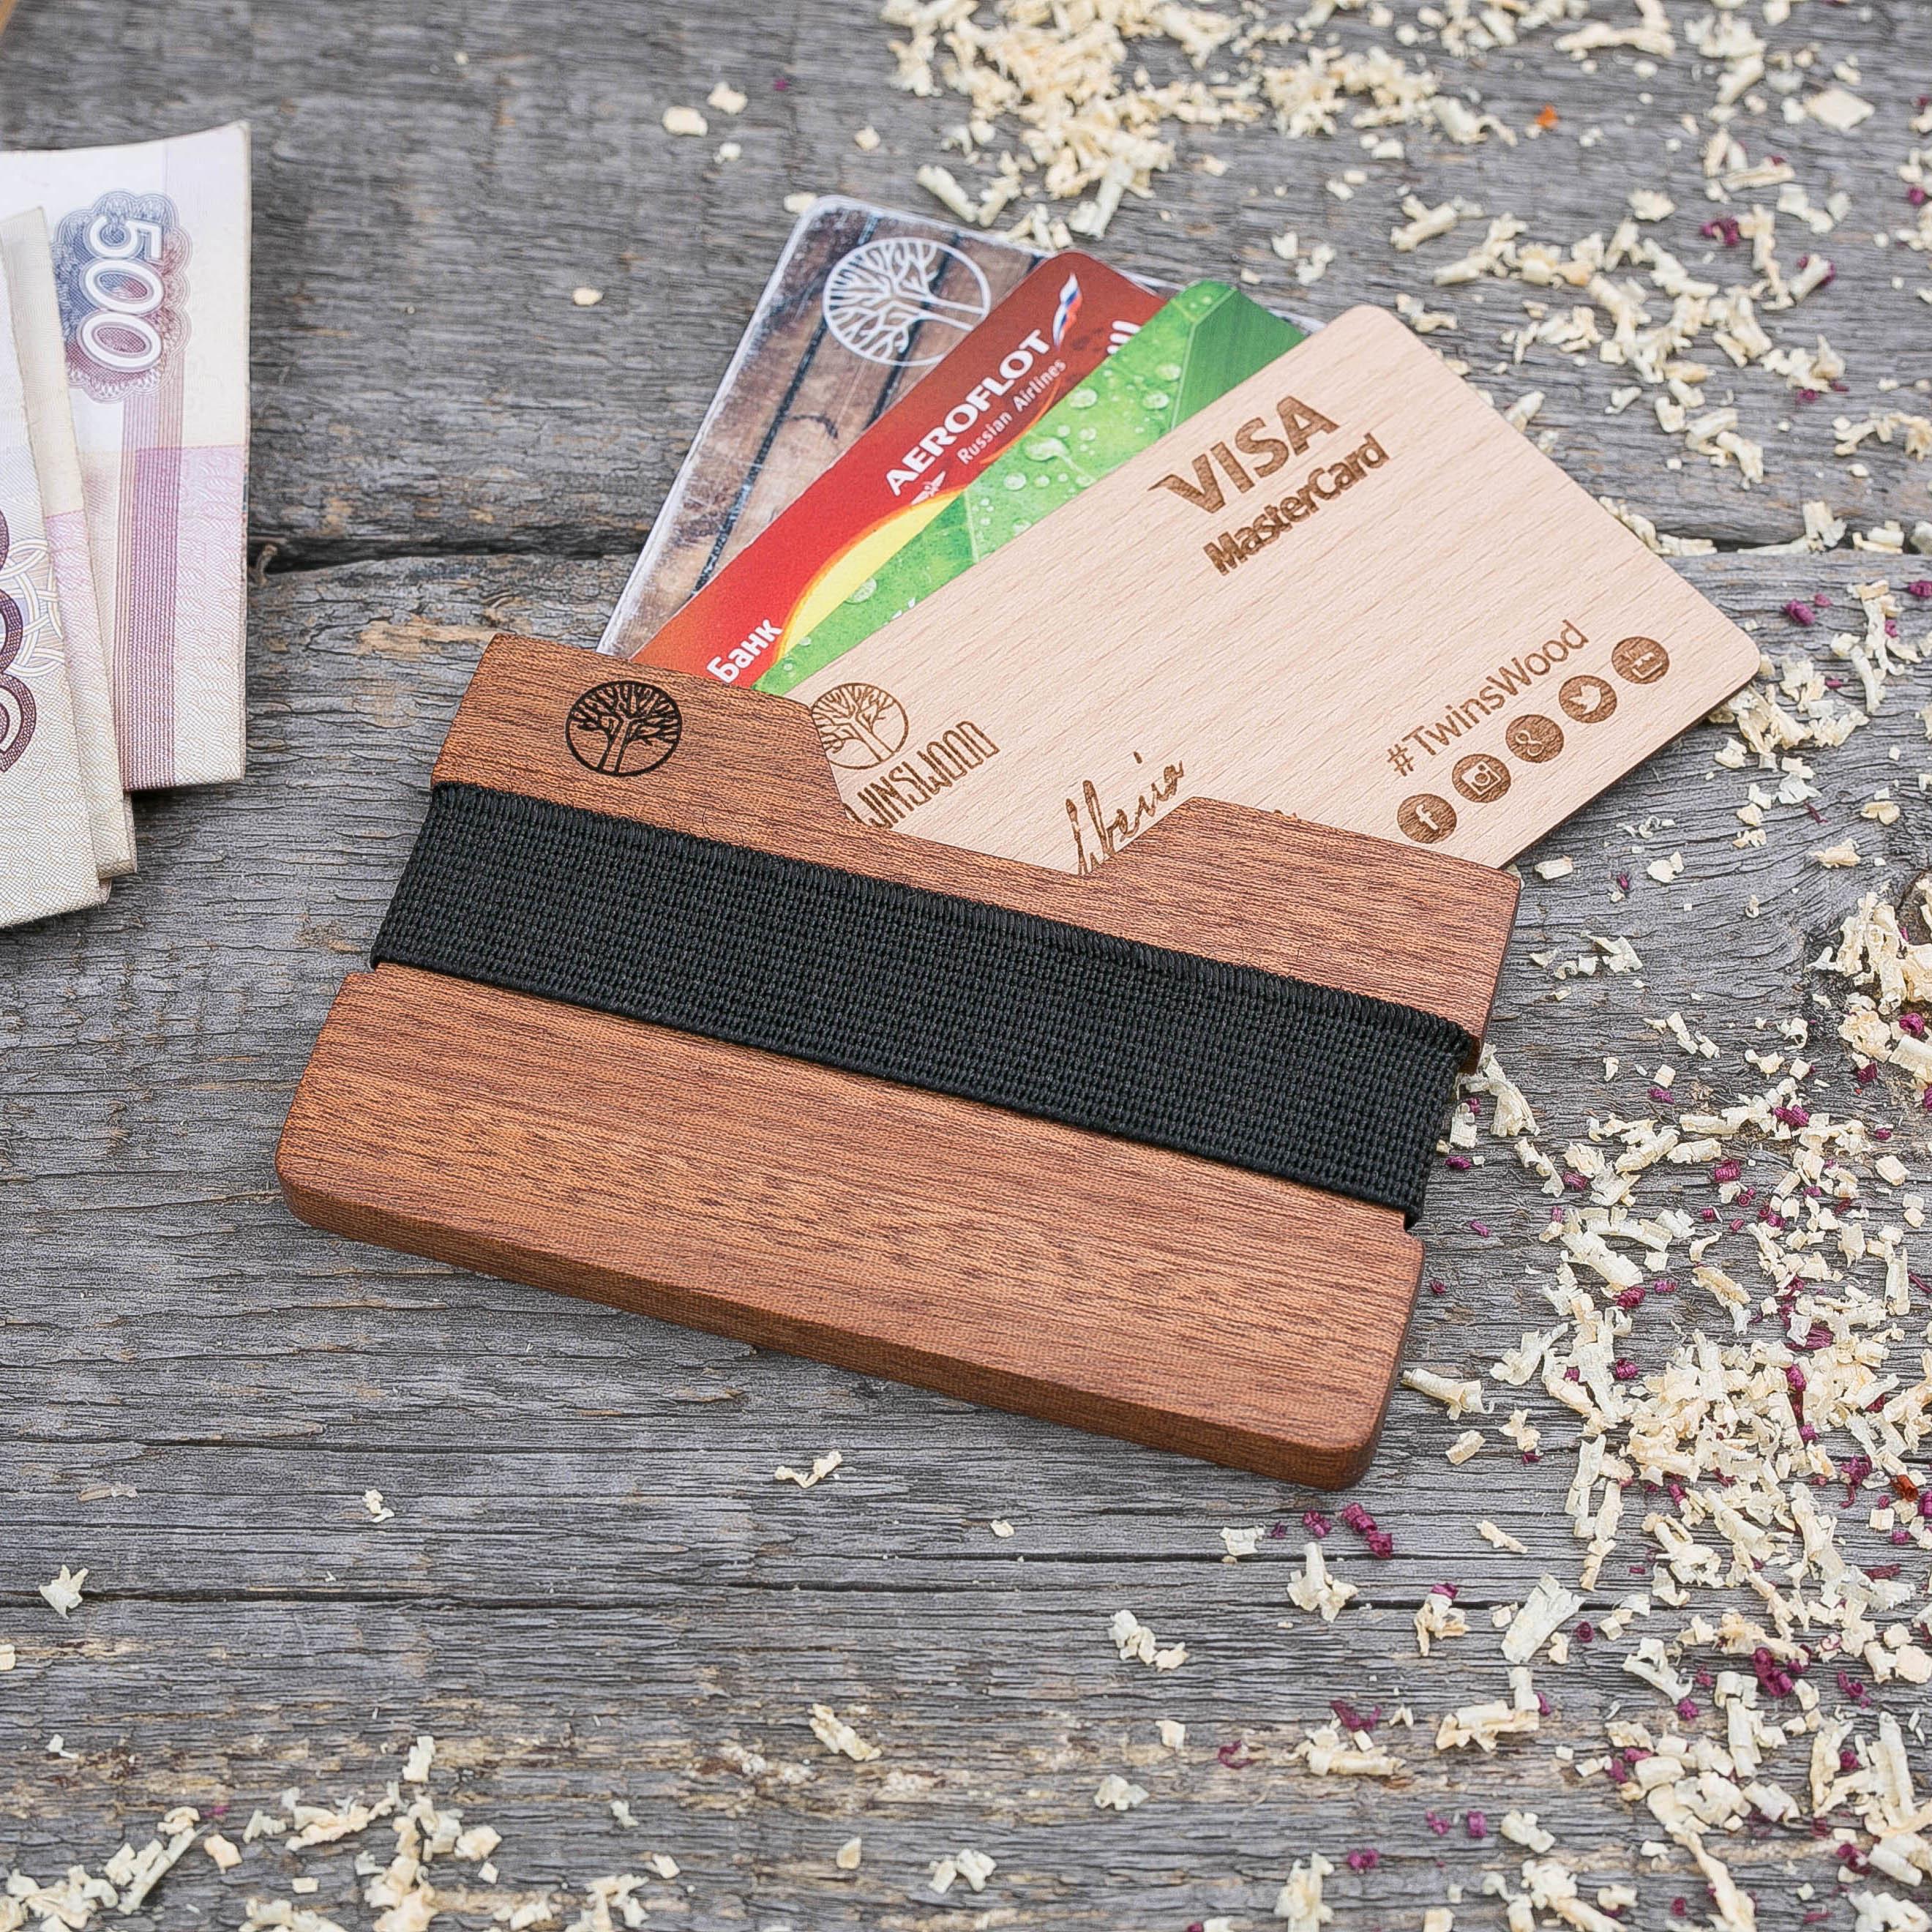 Деревянный кошелек  из сапеле. Горизонтальная загрузка. Для 1-6 пластиковых карт и купюр. Поддержка Apple Pay. Гравировка имени или логотипа. Бизнес сувенир. Подарок другу. Именной кошелек TwinsWood-SapeleH